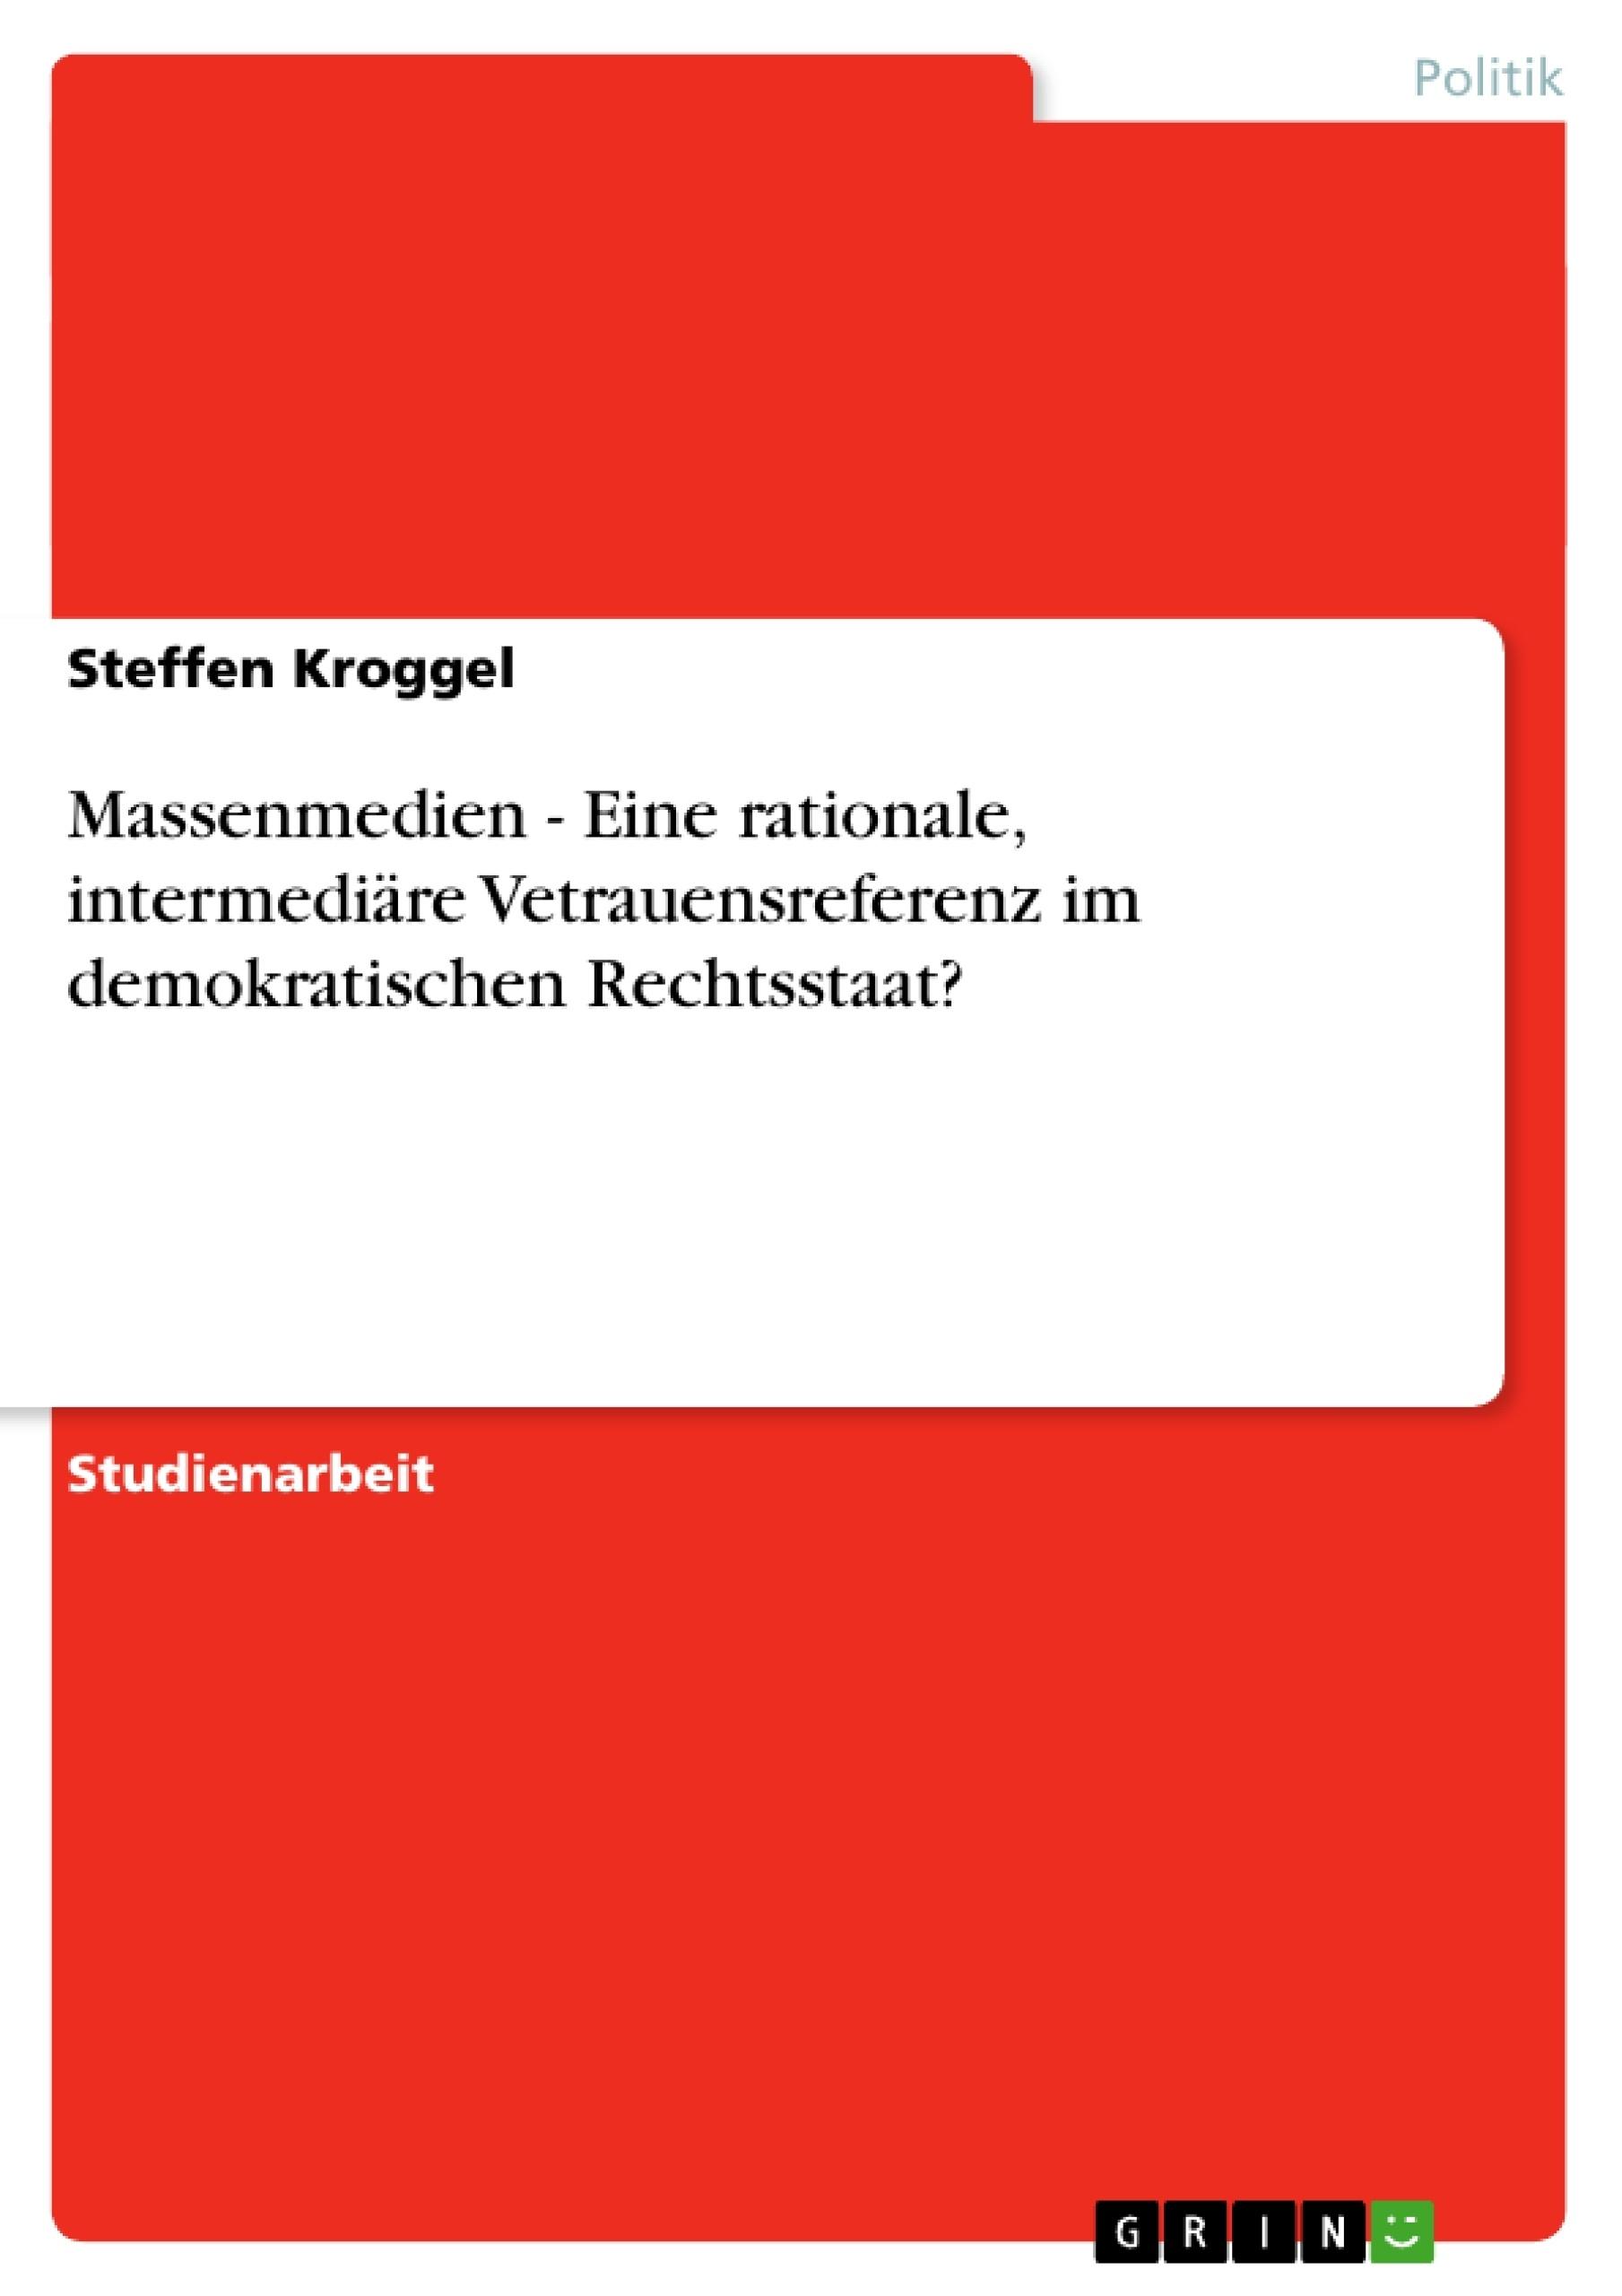 Titel: Massenmedien - Eine rationale, intermediäre Vetrauensreferenz im demokratischen Rechtsstaat?